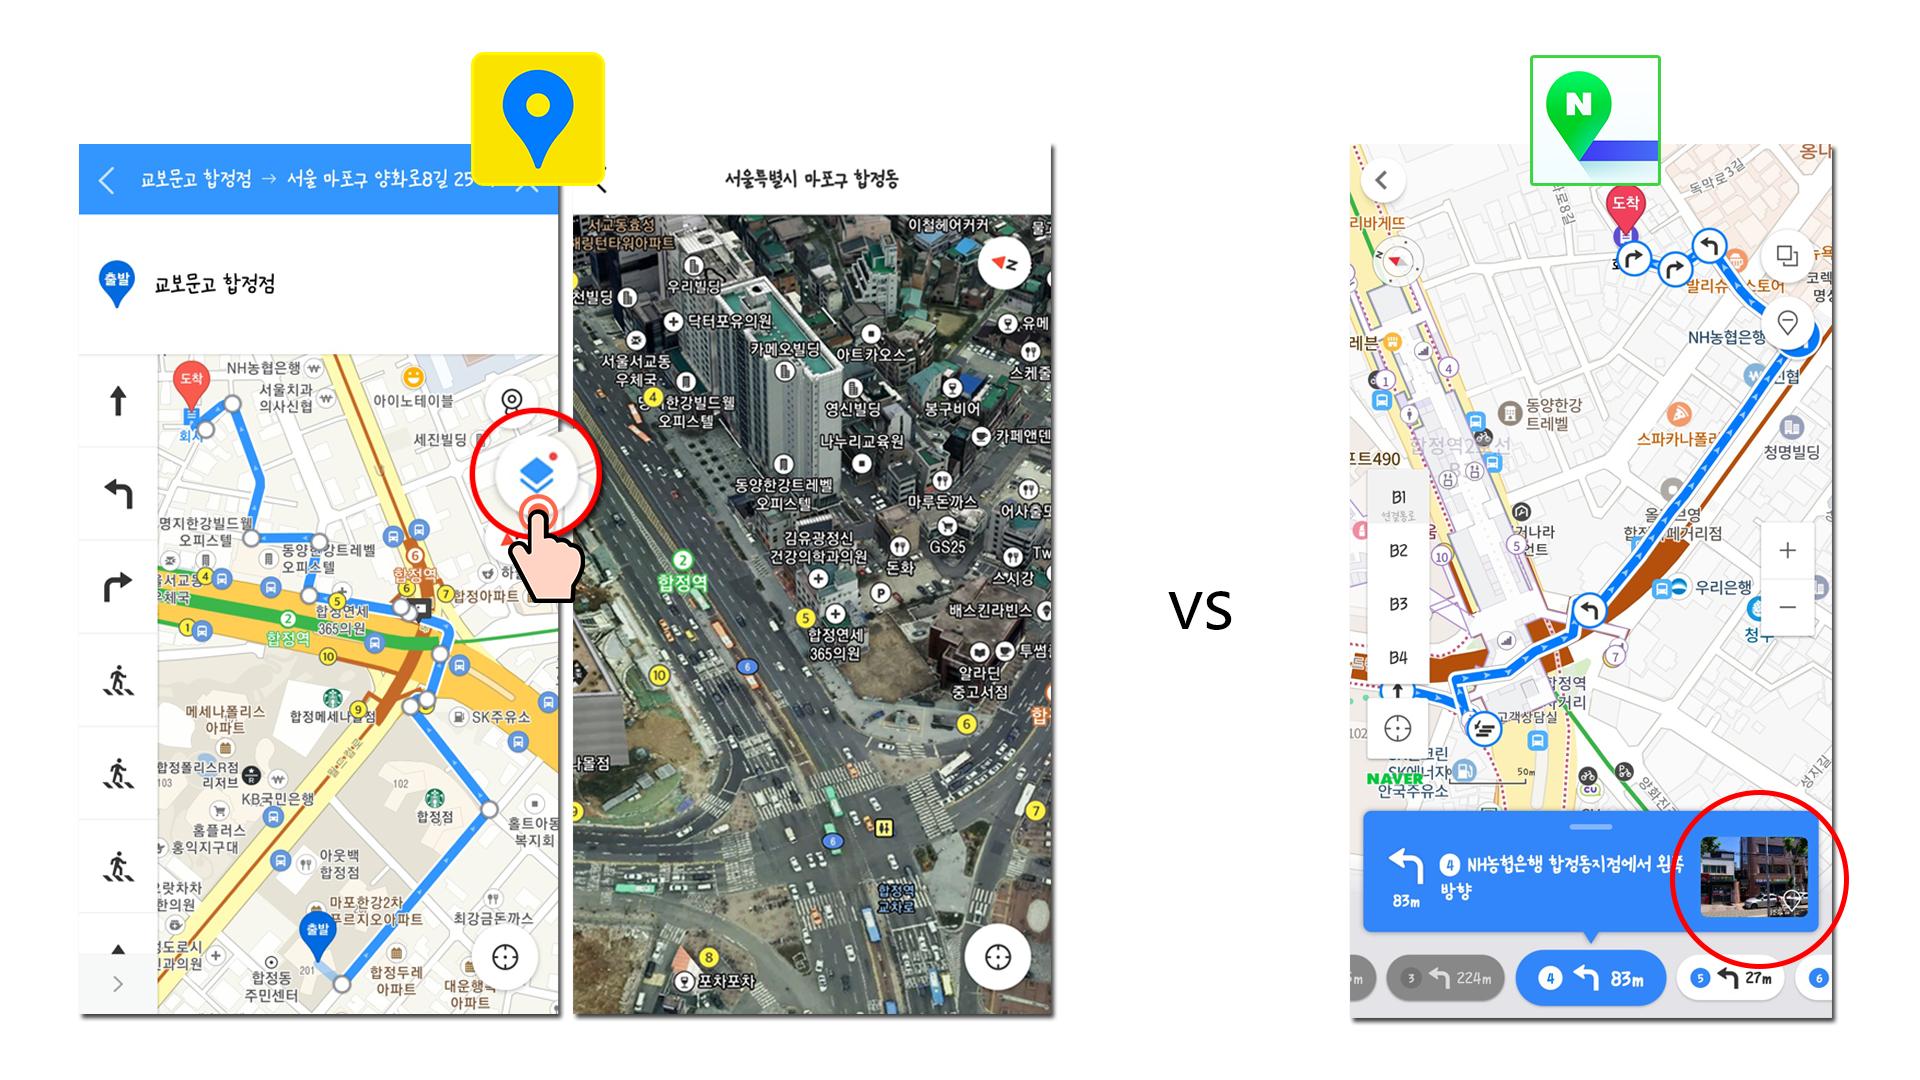 카카오 맵 3D 스카이 뷰(왼쪽), 네이버 지도(오른쪽).